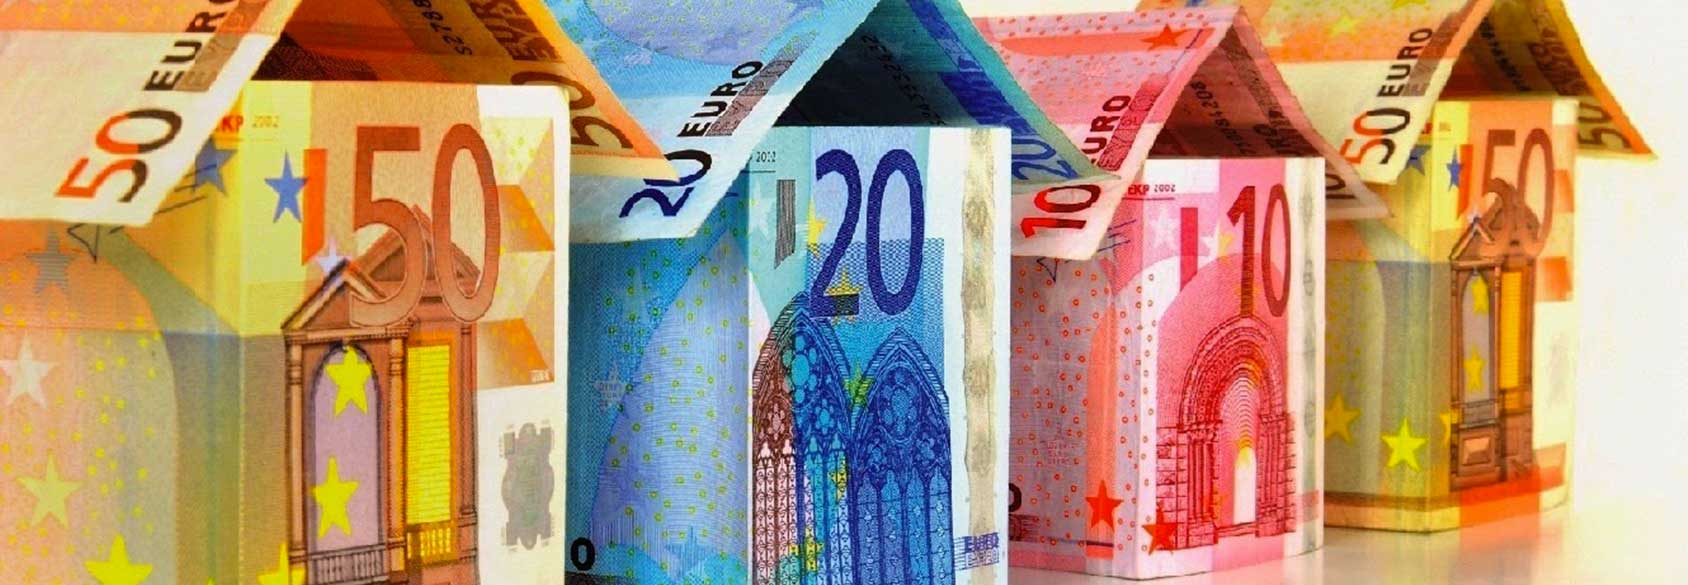 Investigatore indagni patrimoniali, immagine rappresente casette costruite con banconote